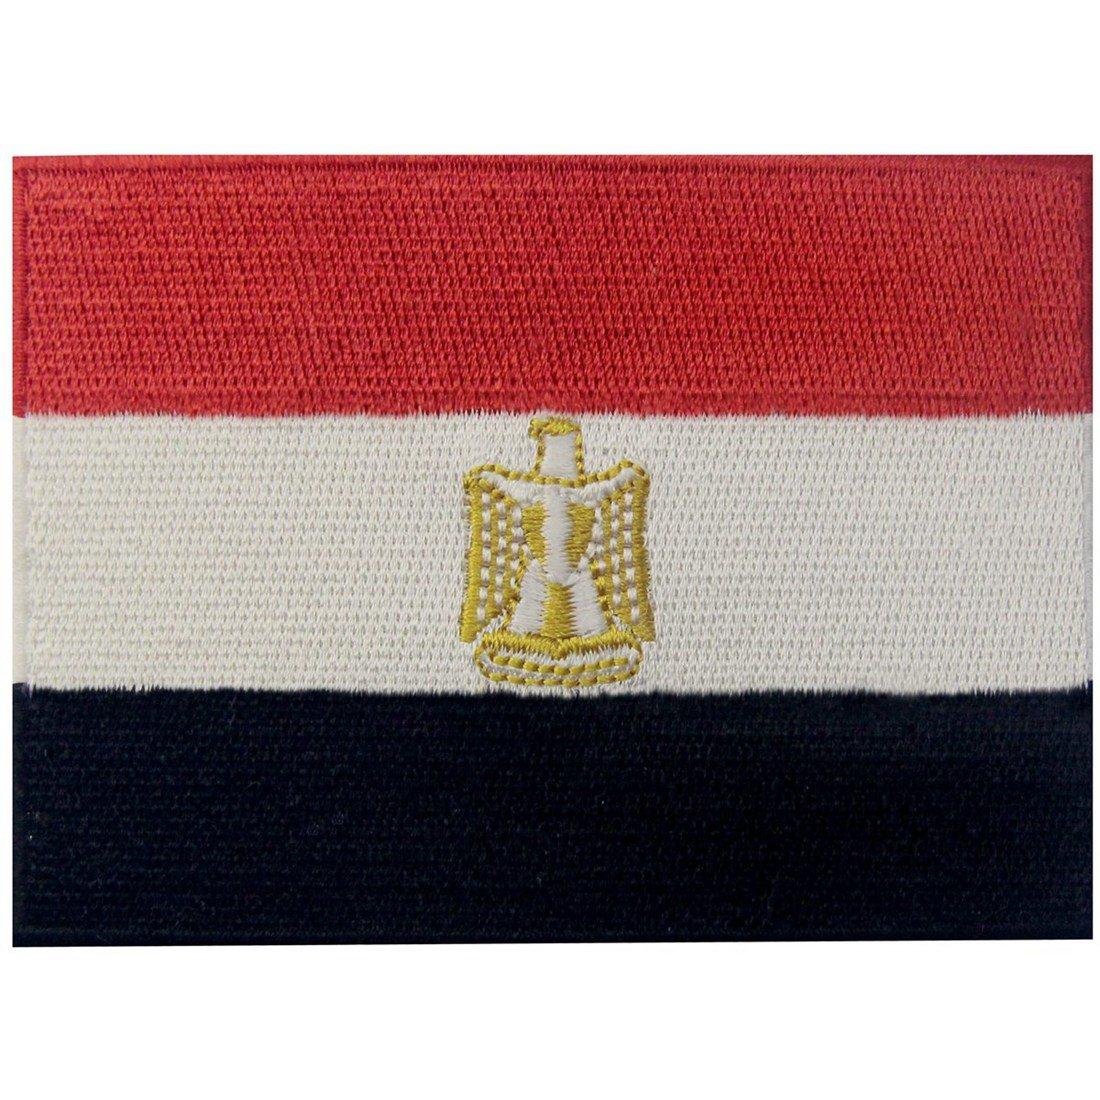 Bandiera dell'Egitto Termoadesiva Cucibile Ricamata Arabo Egiziano Nazionale Toppa EmbTao